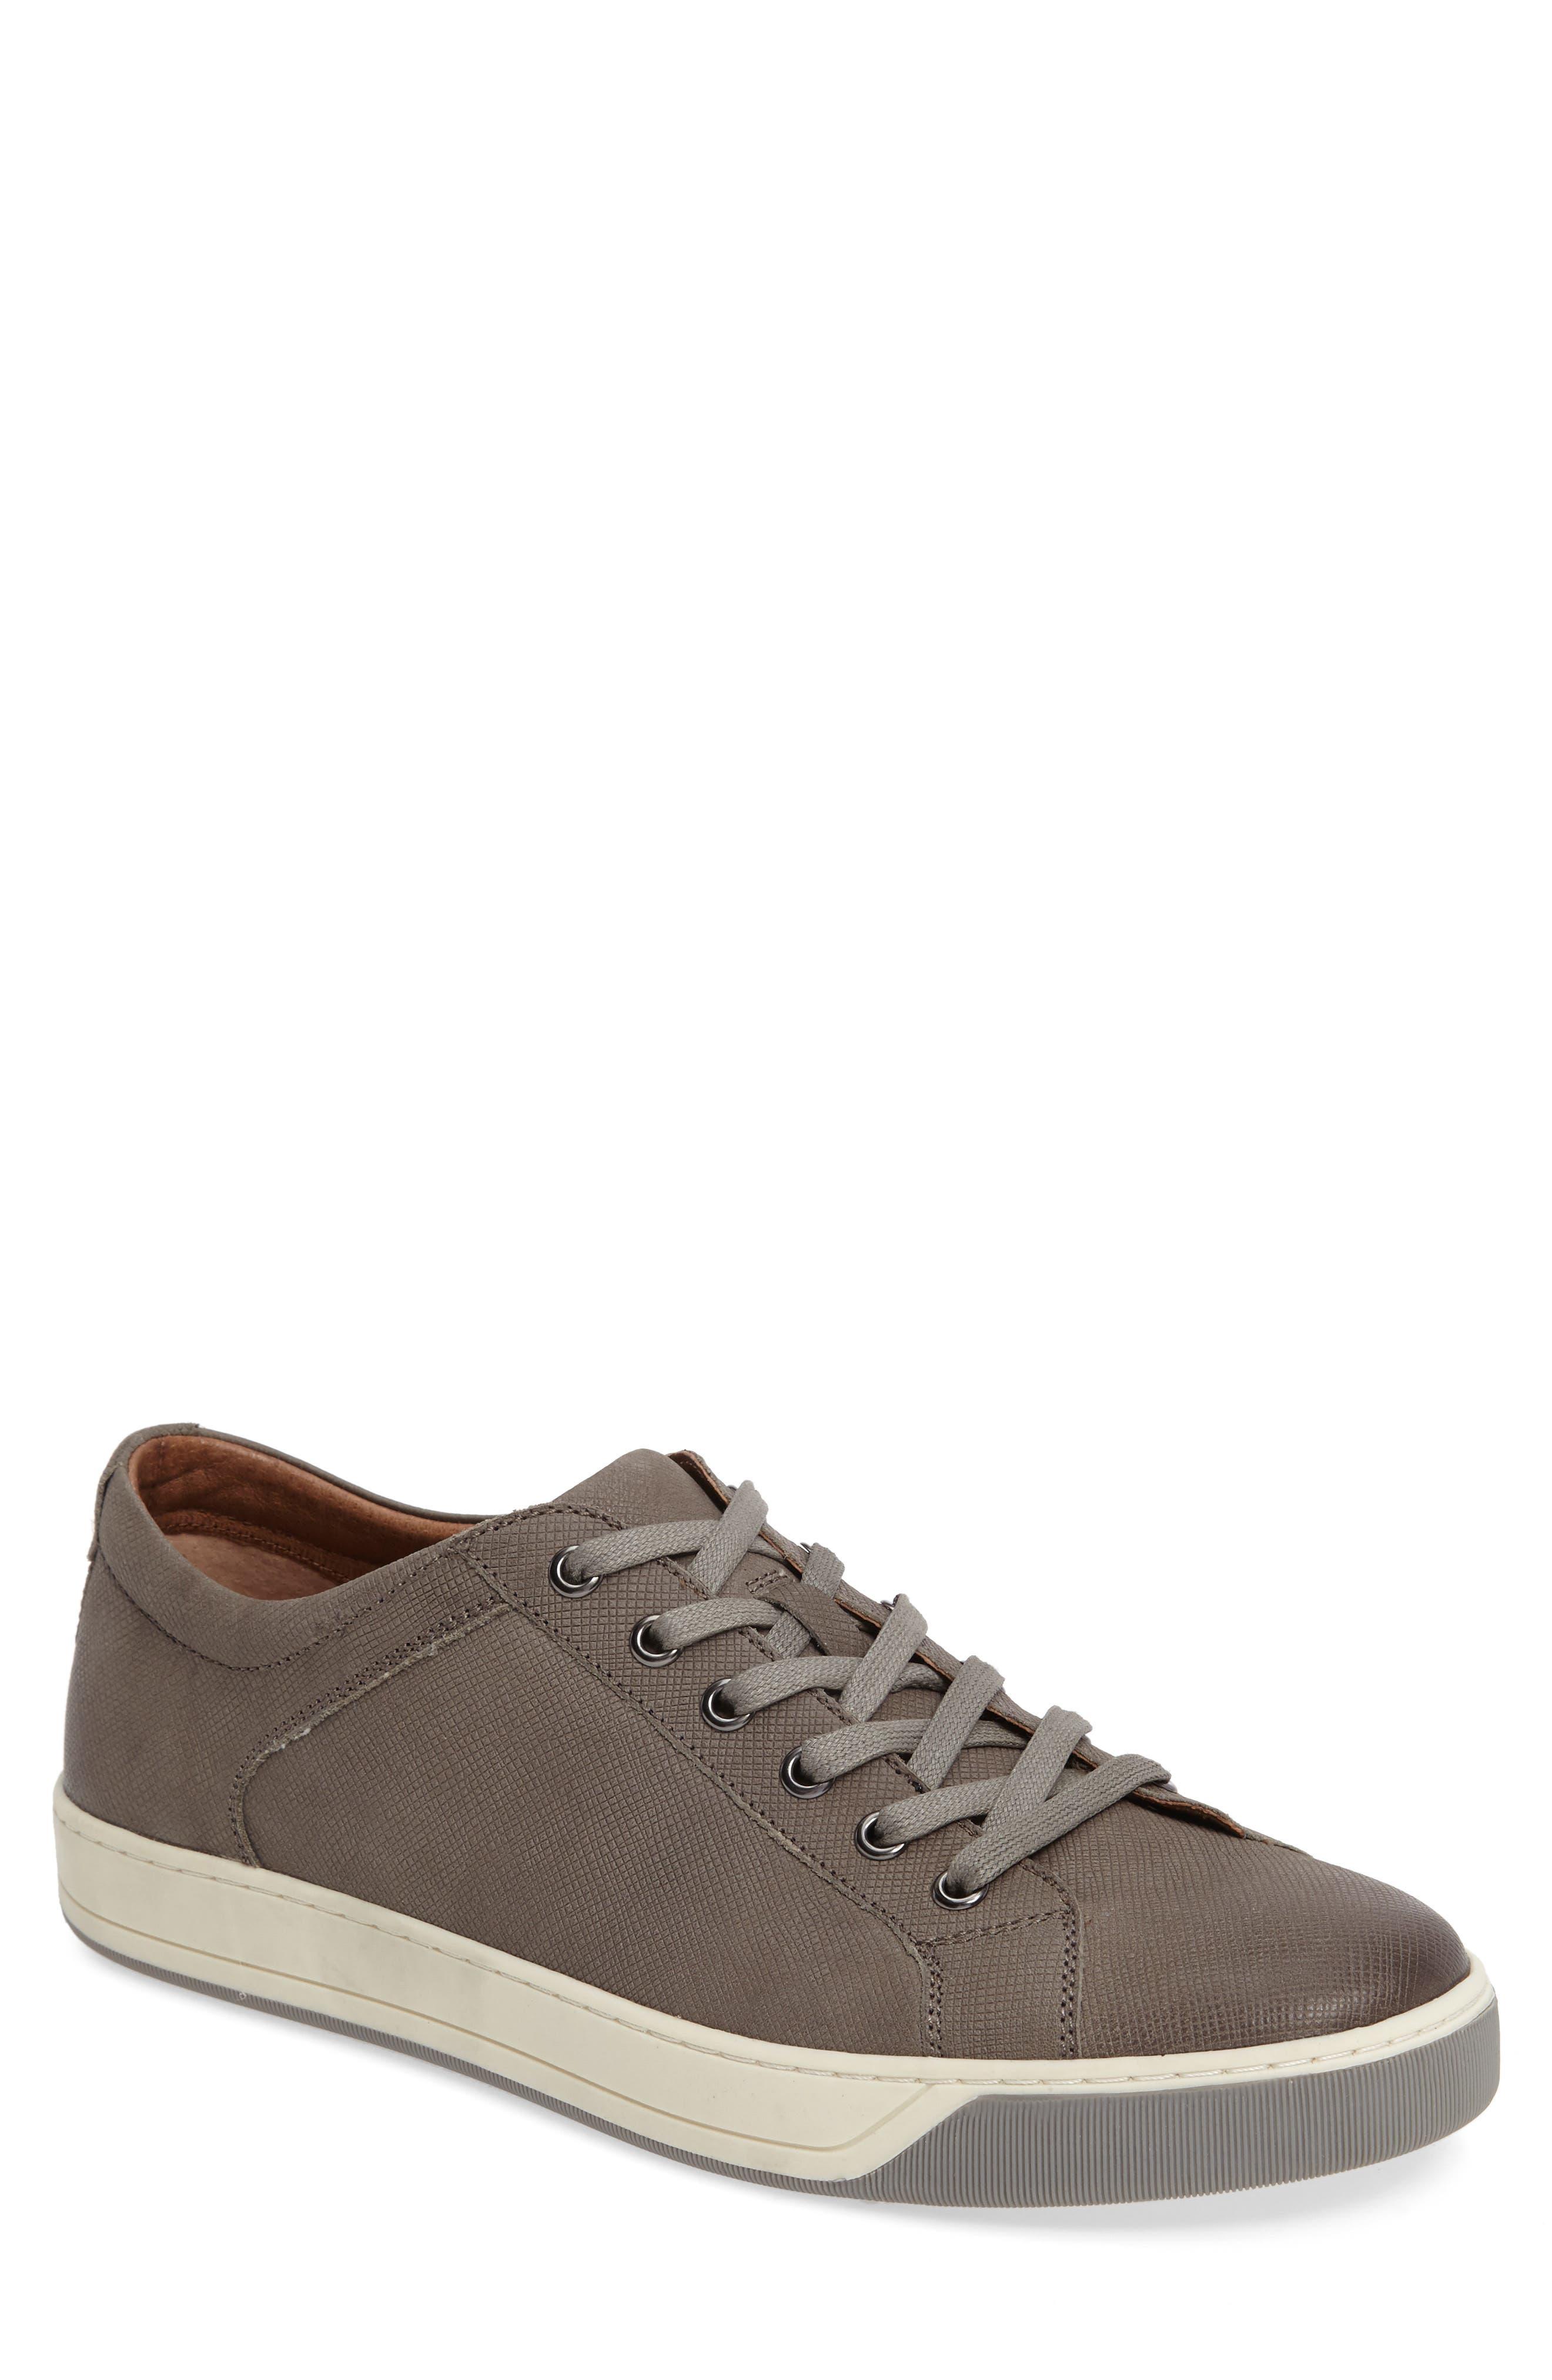 b327e6147a Men s J M 1850 Shoes